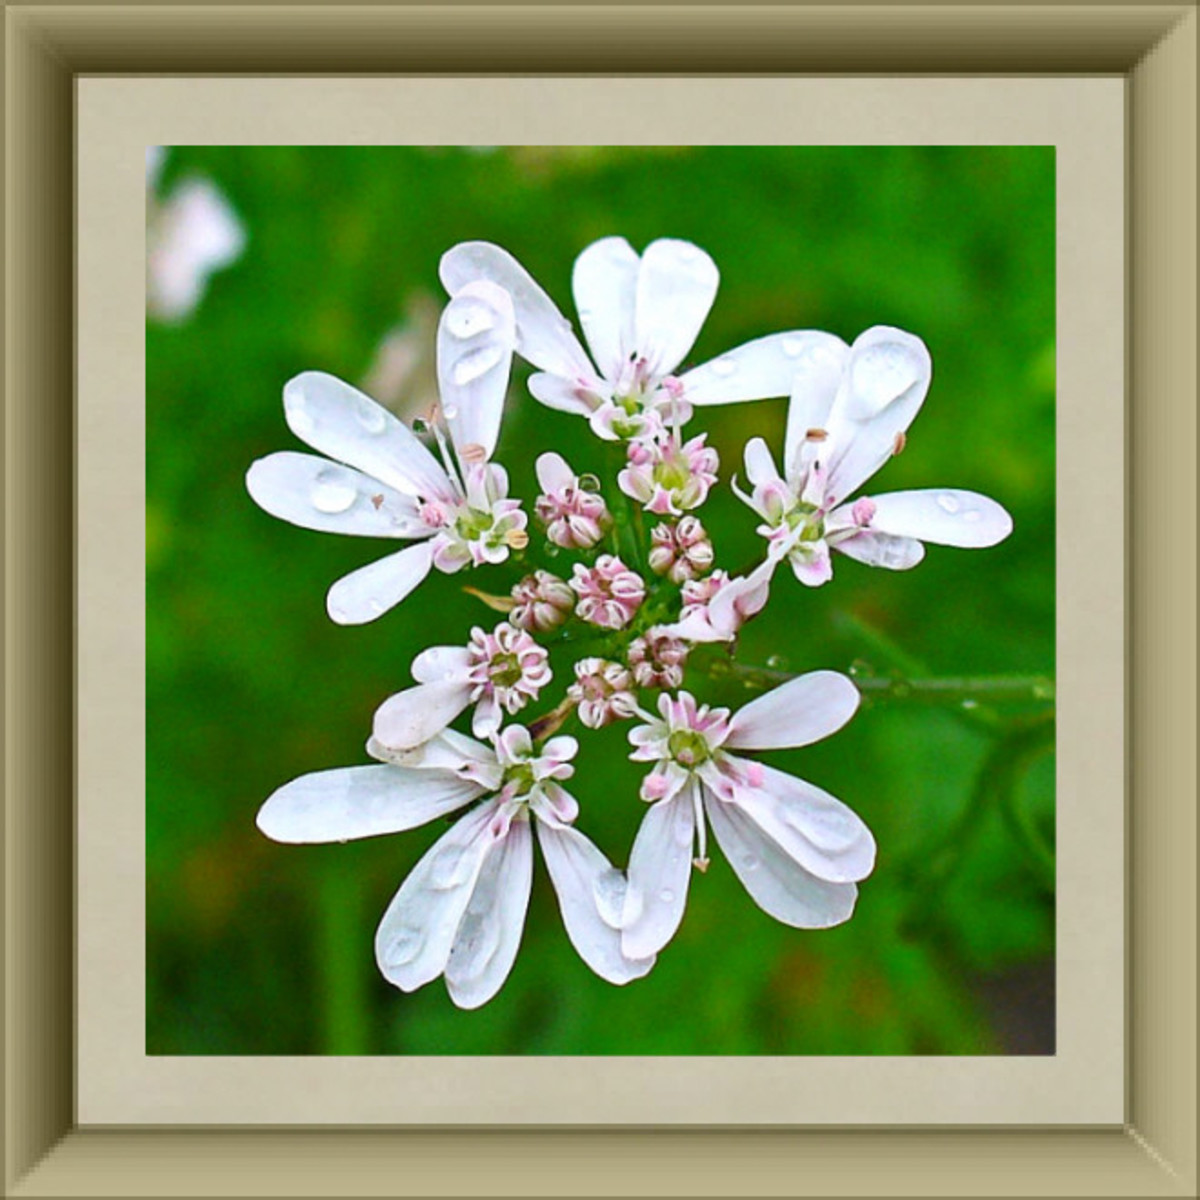 Coriander/Cilantro Blossoms